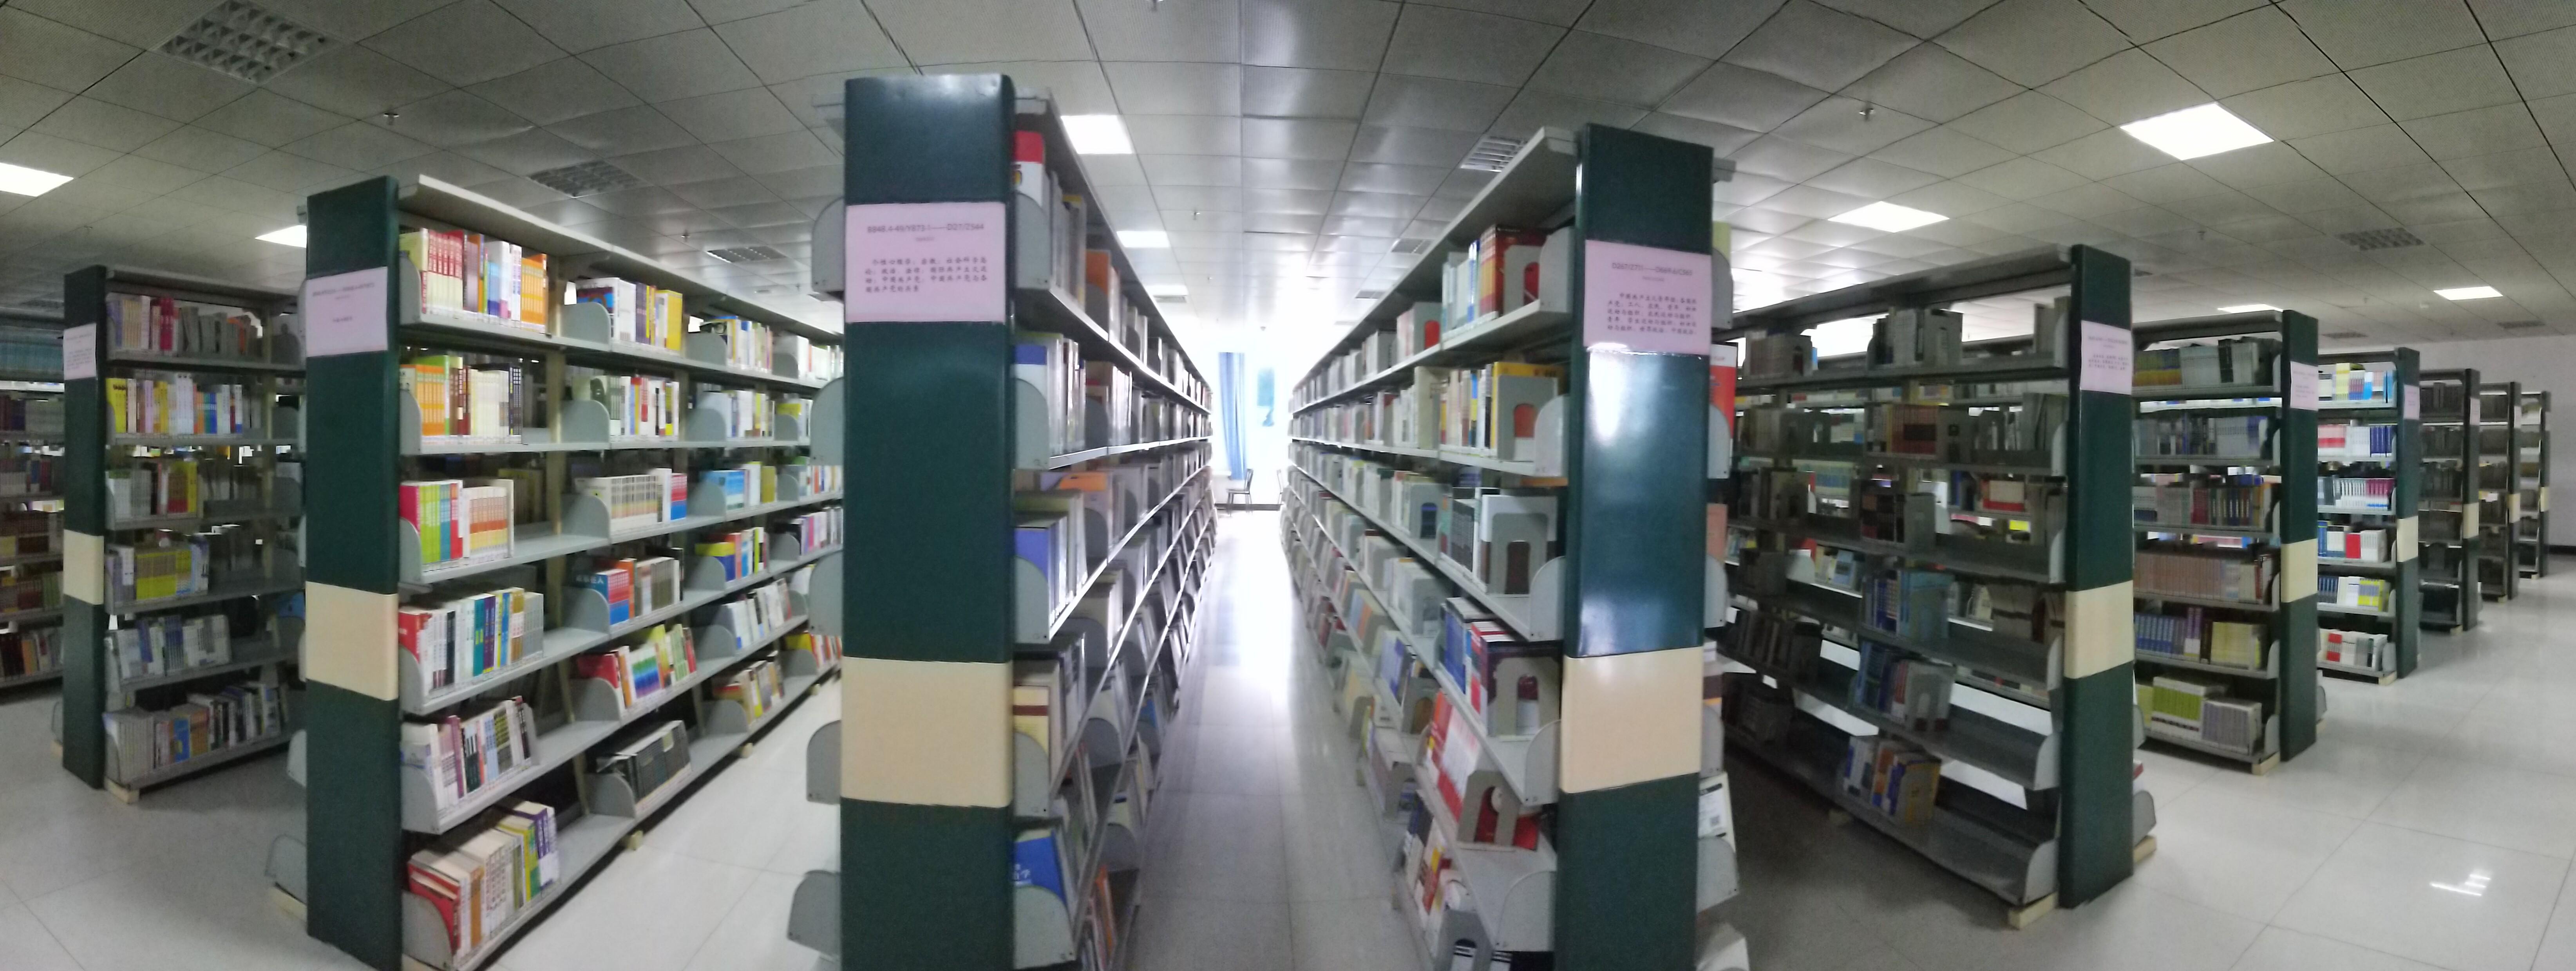 图书馆内景1